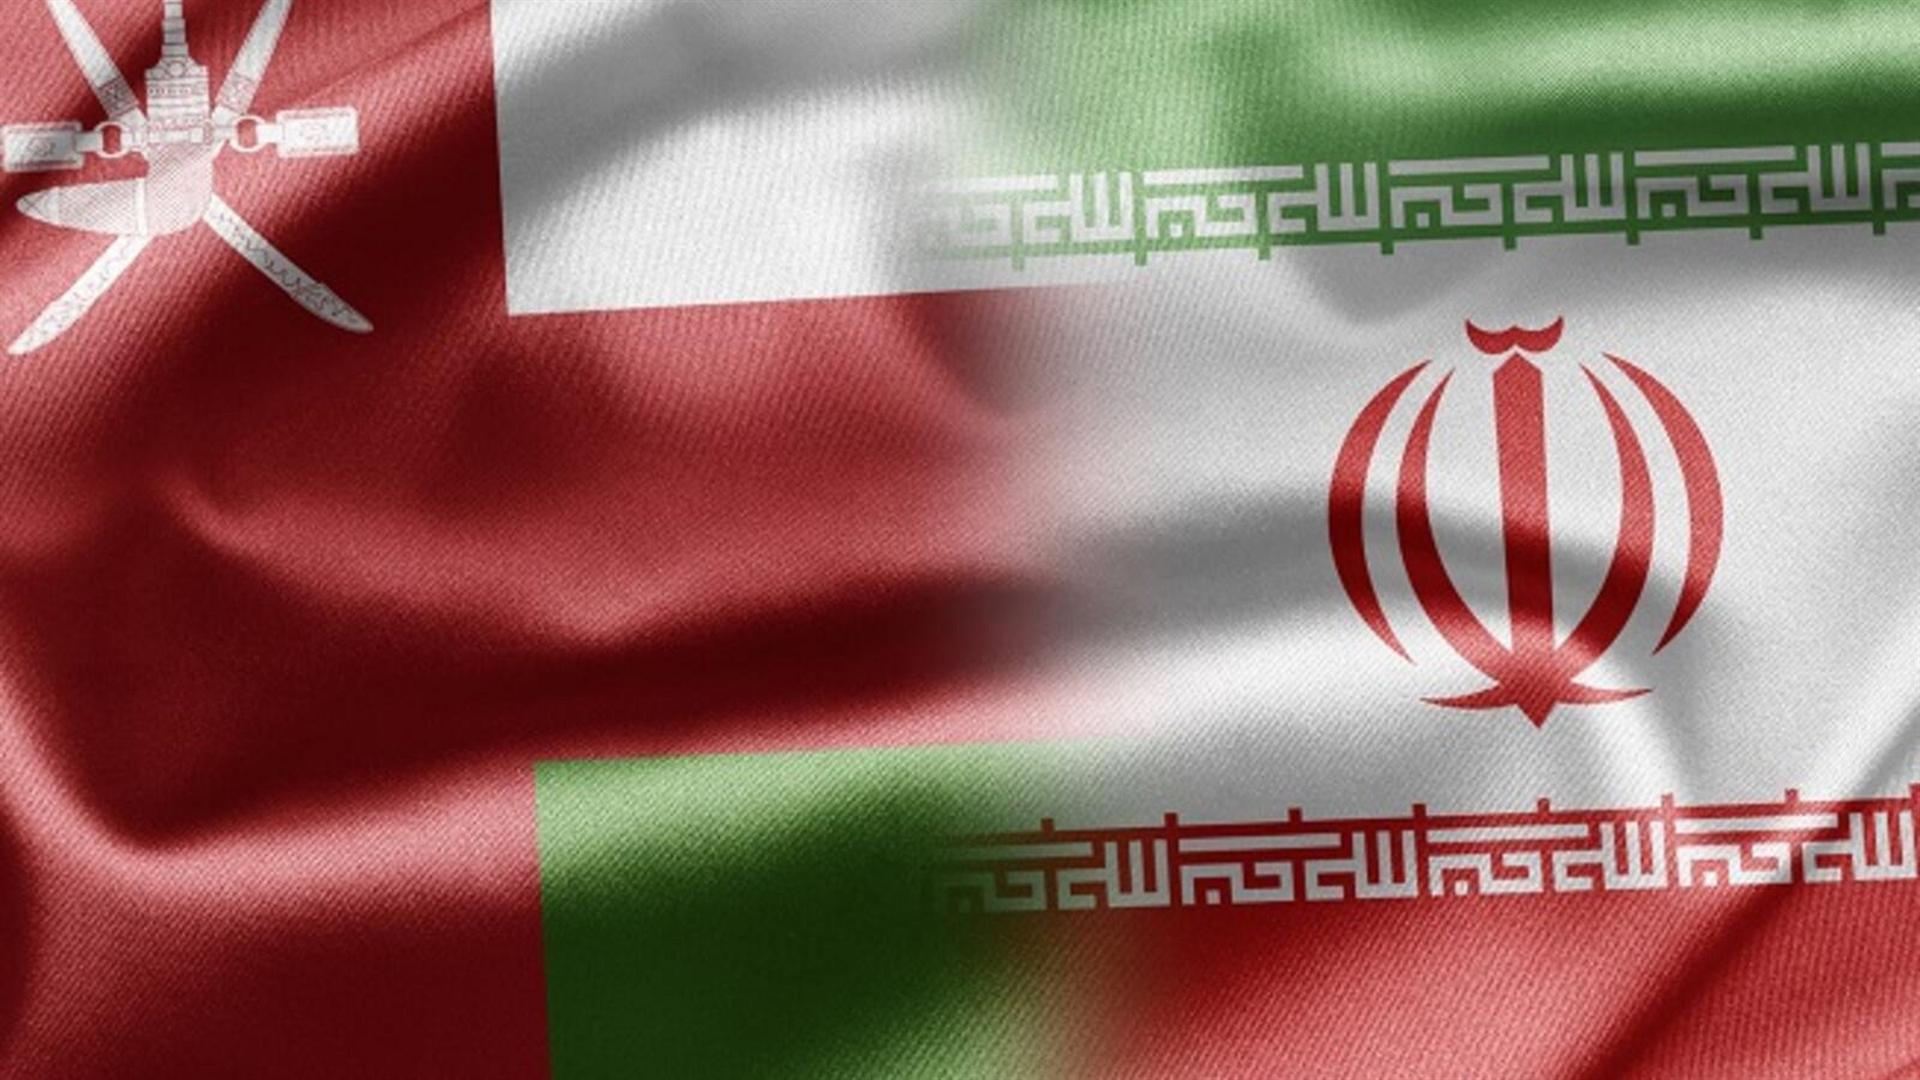 ظرفیت بالای ایران و عمان برای گسترش تجارت/ تسهیل حمل و نقل دریایی بین ایران و عمان